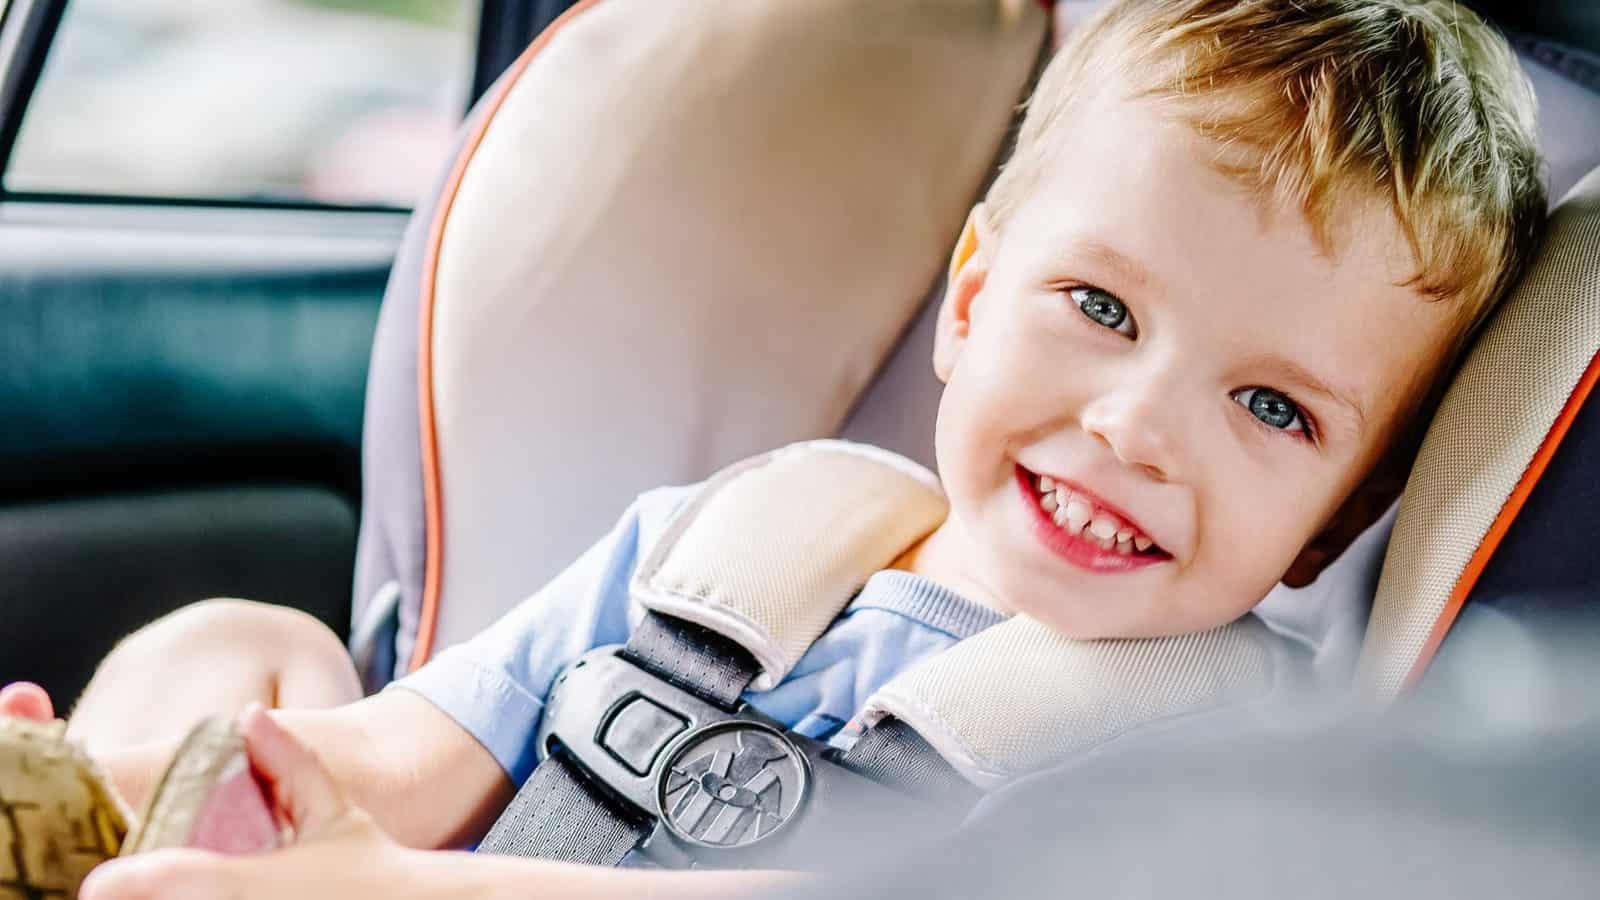 Mammoth Flame Retardant Free Merino Wool Clek 2020 Liing Infant Car Seat